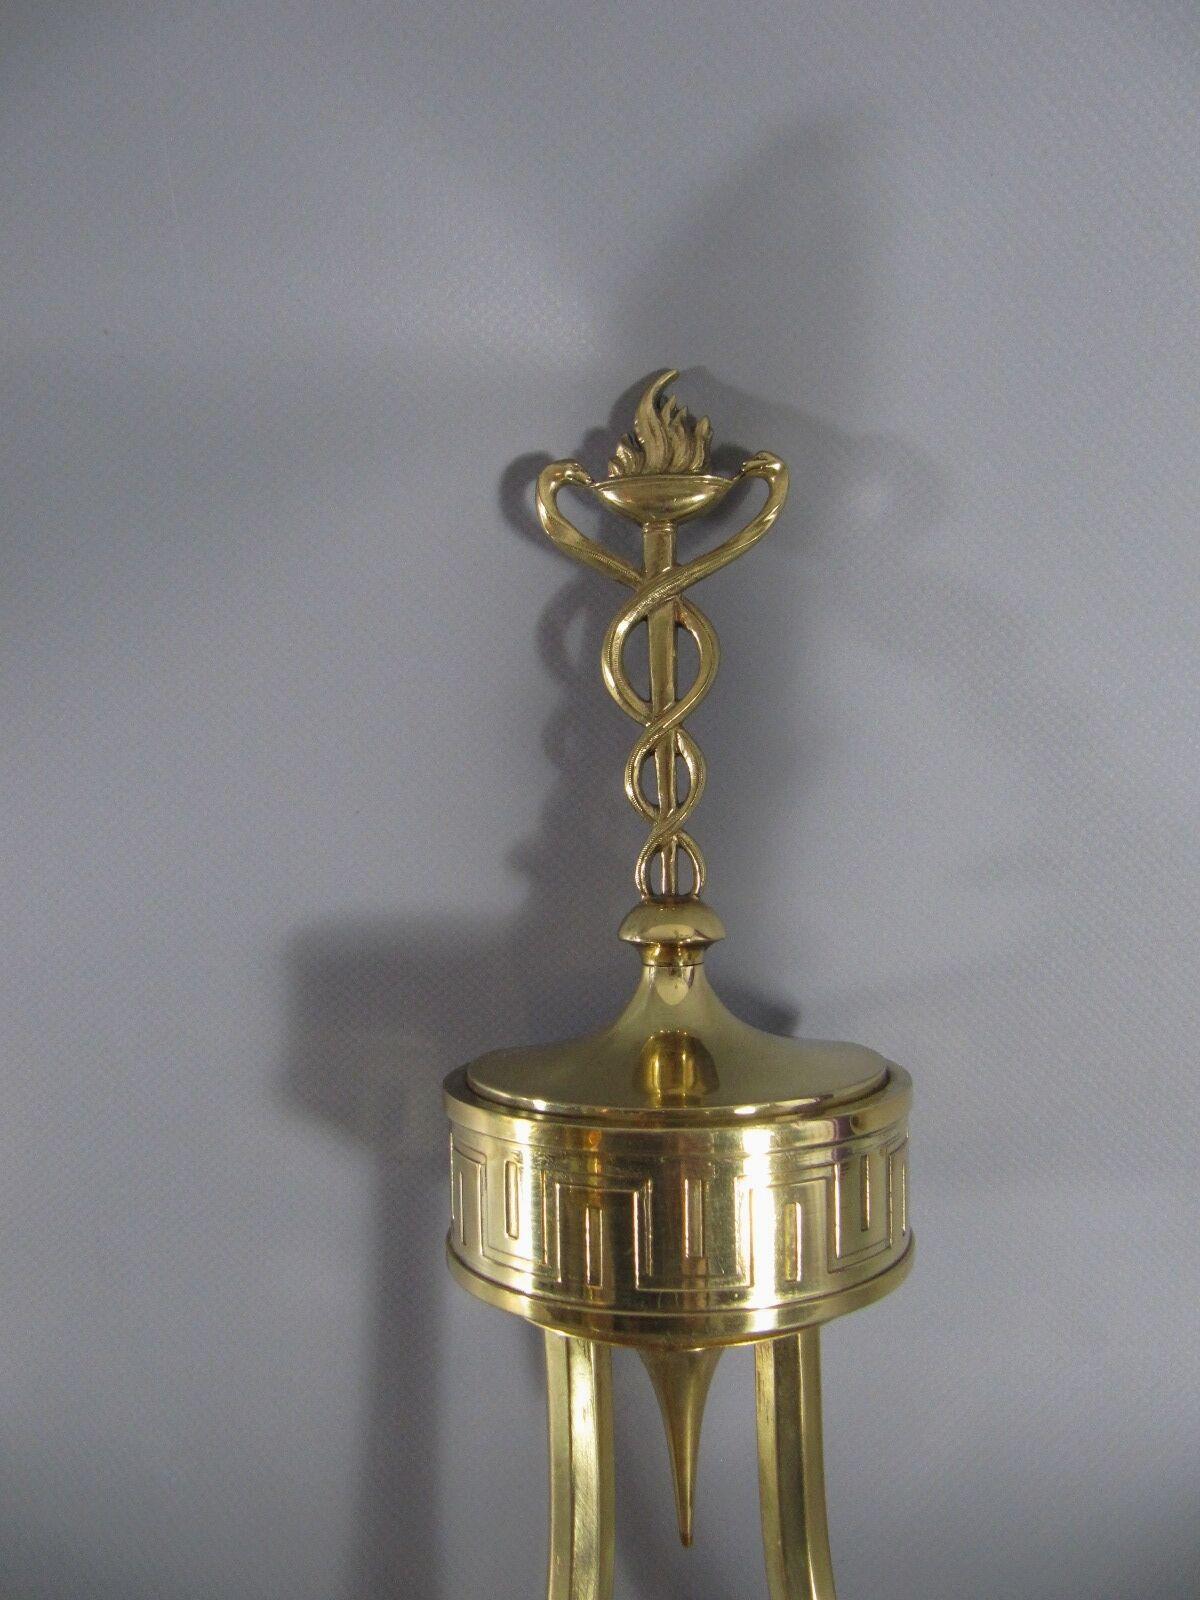 2armiger WANDLEUCHTER Wandlampe Messing - Wall Wall Wall Lamp Brass   1 | Ausgezeichneter Wert  029273